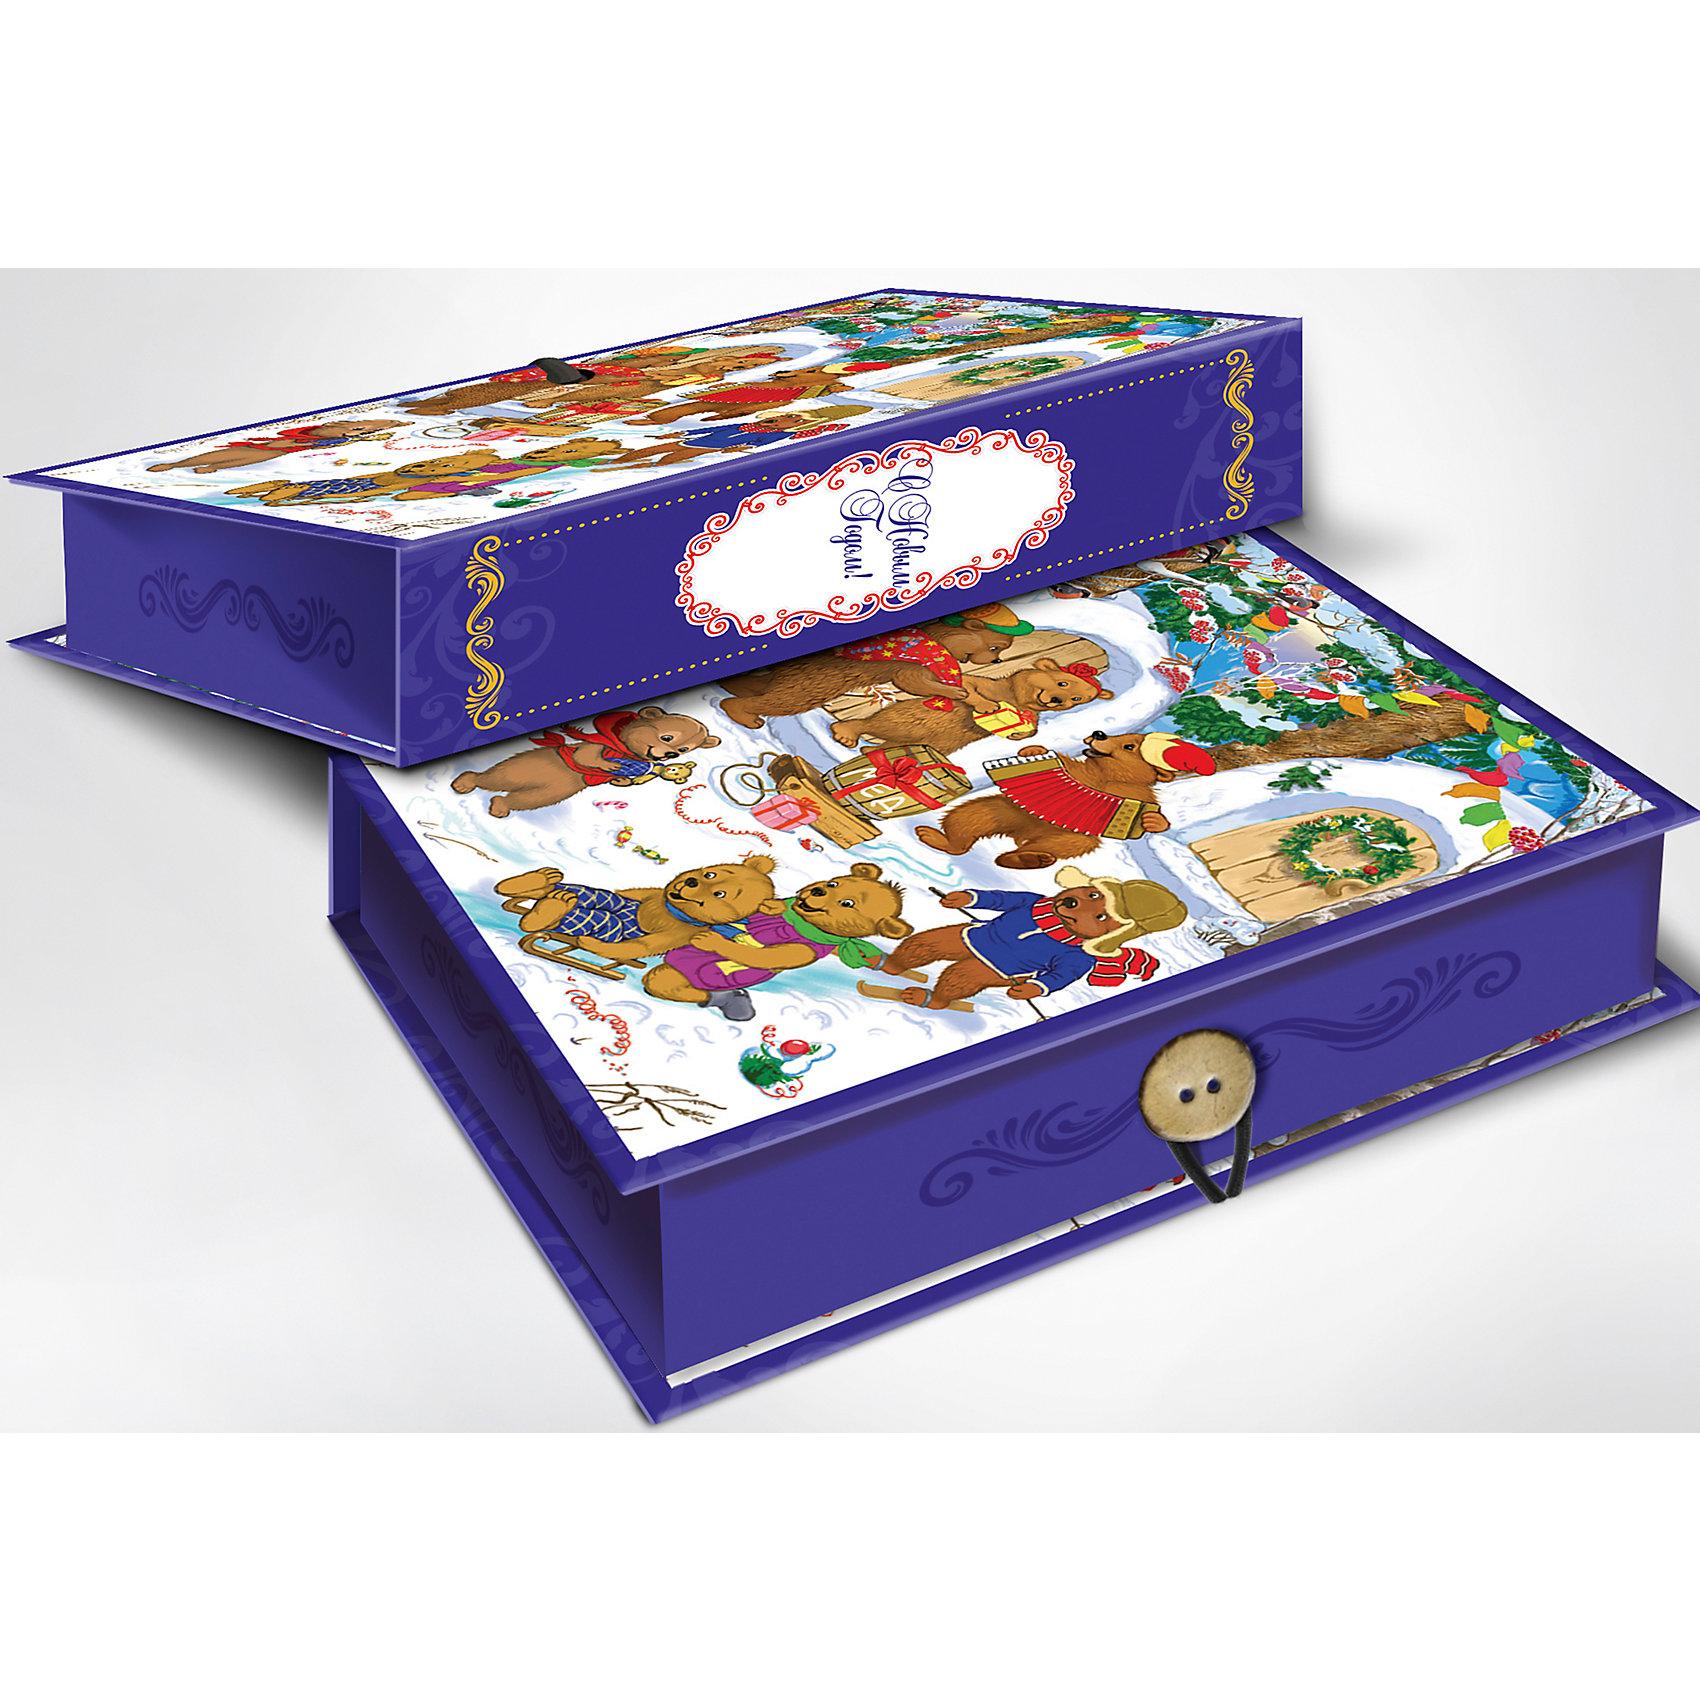 Подарочная коробка Медвежата 20*14*6 смПодарочная коробка Медвежата 20 * 14 * 6 см - впустите атмосферу зимы и праздников в ваш дом! С этой подарочной коробкой так весело наряжать подарки и радовать близких. Картонная коробка выглядит как книга и имеет яркую обложку с цветными рисунками озорных мишек, наслаждающимися зимними праздниками. На корешке изображена ажурная надпись «С Новым Годом», обрамленная овалом с орнаментами. Коробка закрывается на небольшой эластичный шнурок и пуговичку. Устройте сюрприз вашим близким!<br>Дополнительная информация:<br><br>- Размер: 20 * 14 * 6 см.<br>- Материал: картон плотностью 1100 г/м2<br>Подарочную коробку Медвежата 20 * 14 * 6 см можно купить в нашем интернет-магазине.<br>Подробнее:<br>• Для детей в возрасте: от 3 лет<br>• Номер товара: 4981489<br>Страна производитель: Китай<br><br>Ширина мм: 200<br>Глубина мм: 140<br>Высота мм: 60<br>Вес г: 330<br>Возраст от месяцев: 36<br>Возраст до месяцев: 2147483647<br>Пол: Унисекс<br>Возраст: Детский<br>SKU: 4981489